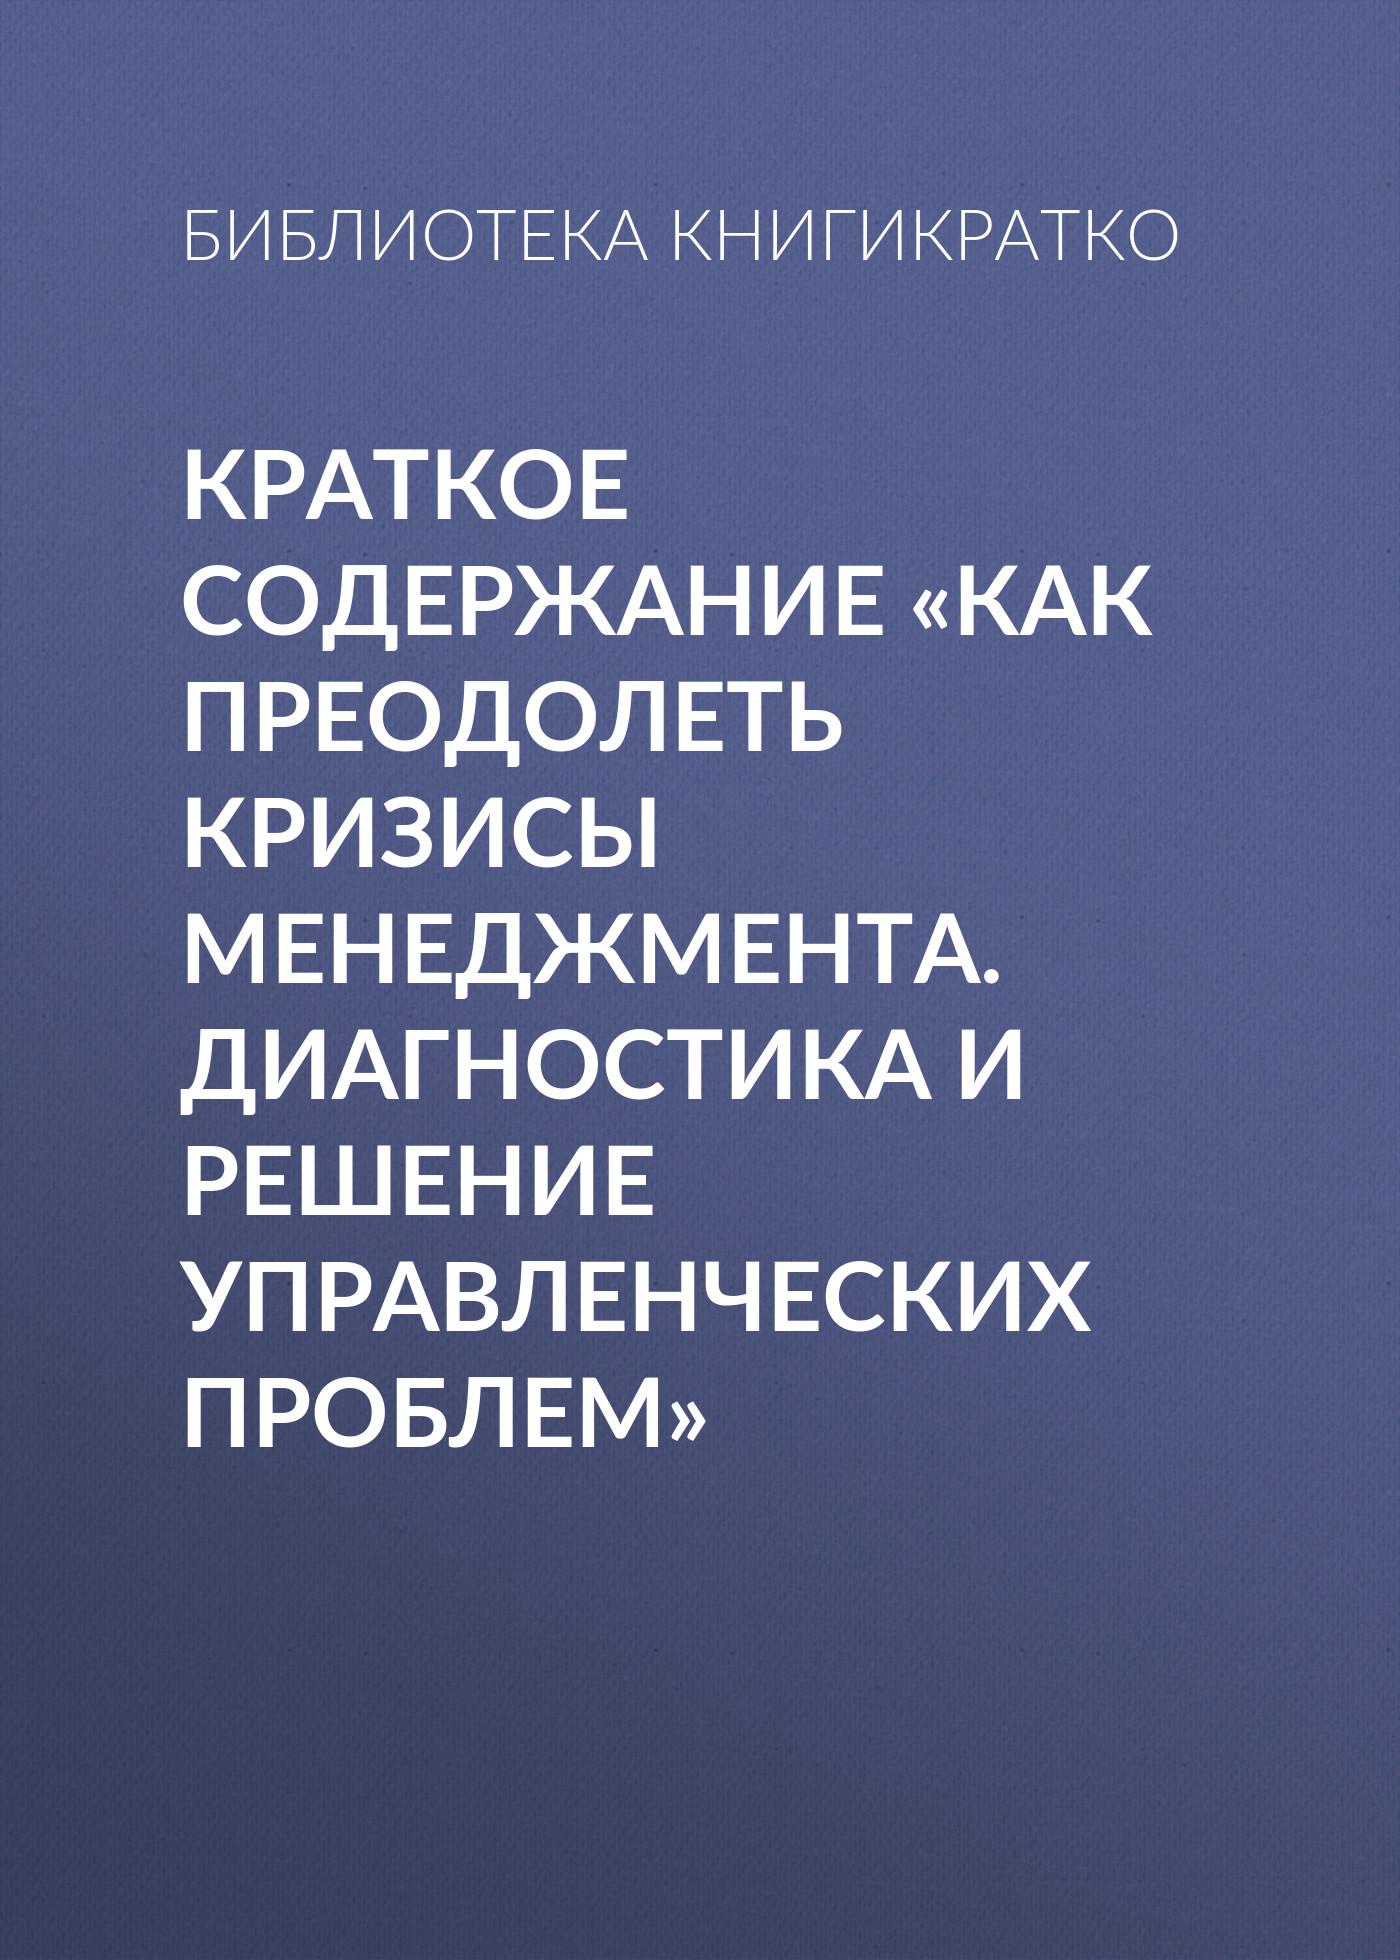 Библиотека КнигиКратко Краткое содержание «Как преодолеть кризисы менеджмента. Диагностика и решение управленческих проблем» ицхак адизес 0 как преодолеть кризисы менеджмента диагностика и решение управленческих проблем